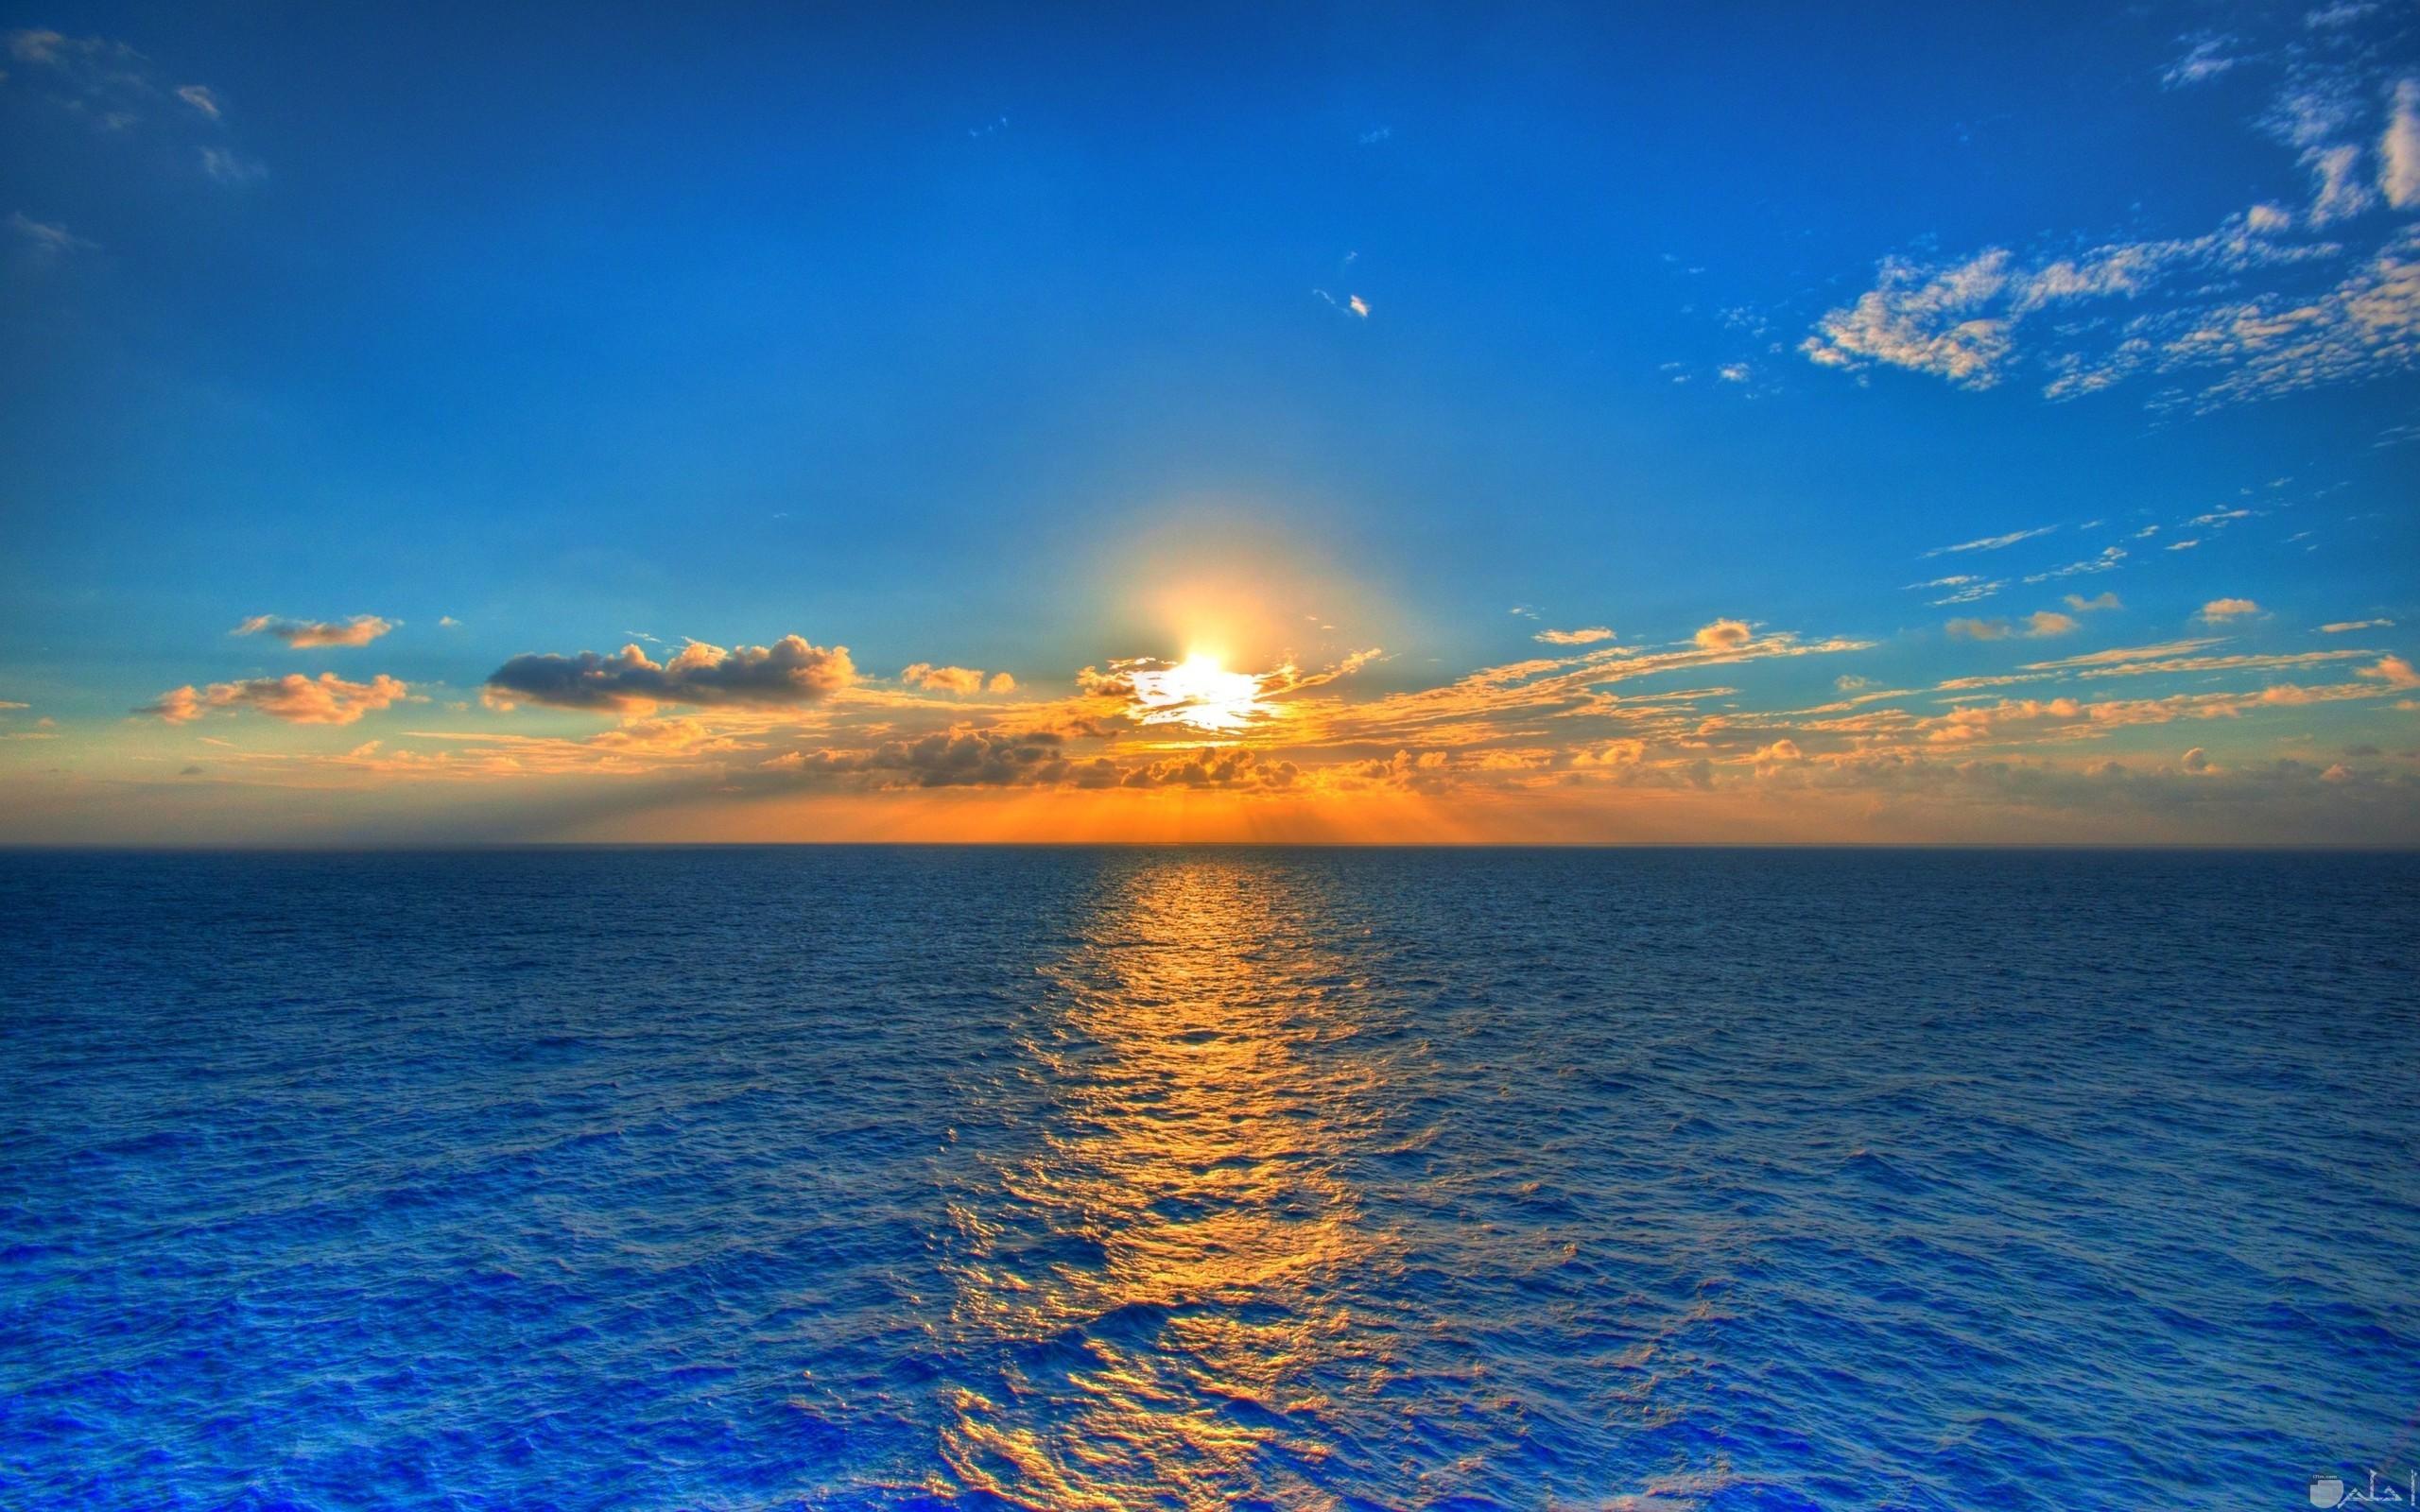 عشق البحر و إشراقة الشمس.